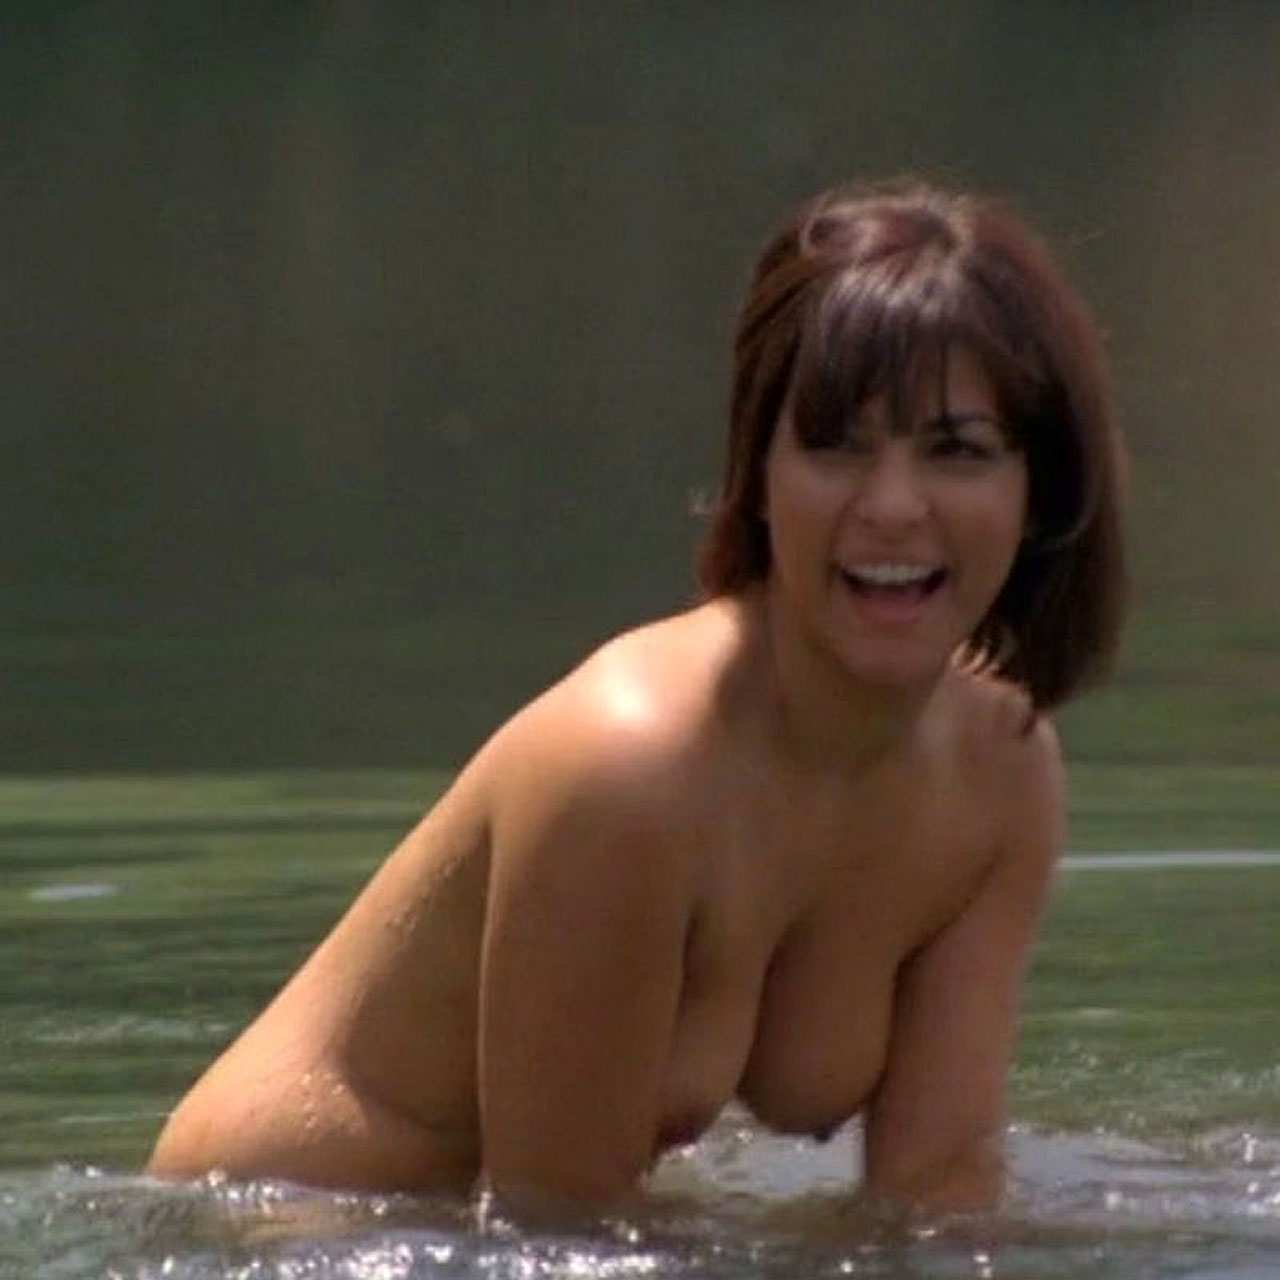 Hayden panettiere in lingerie